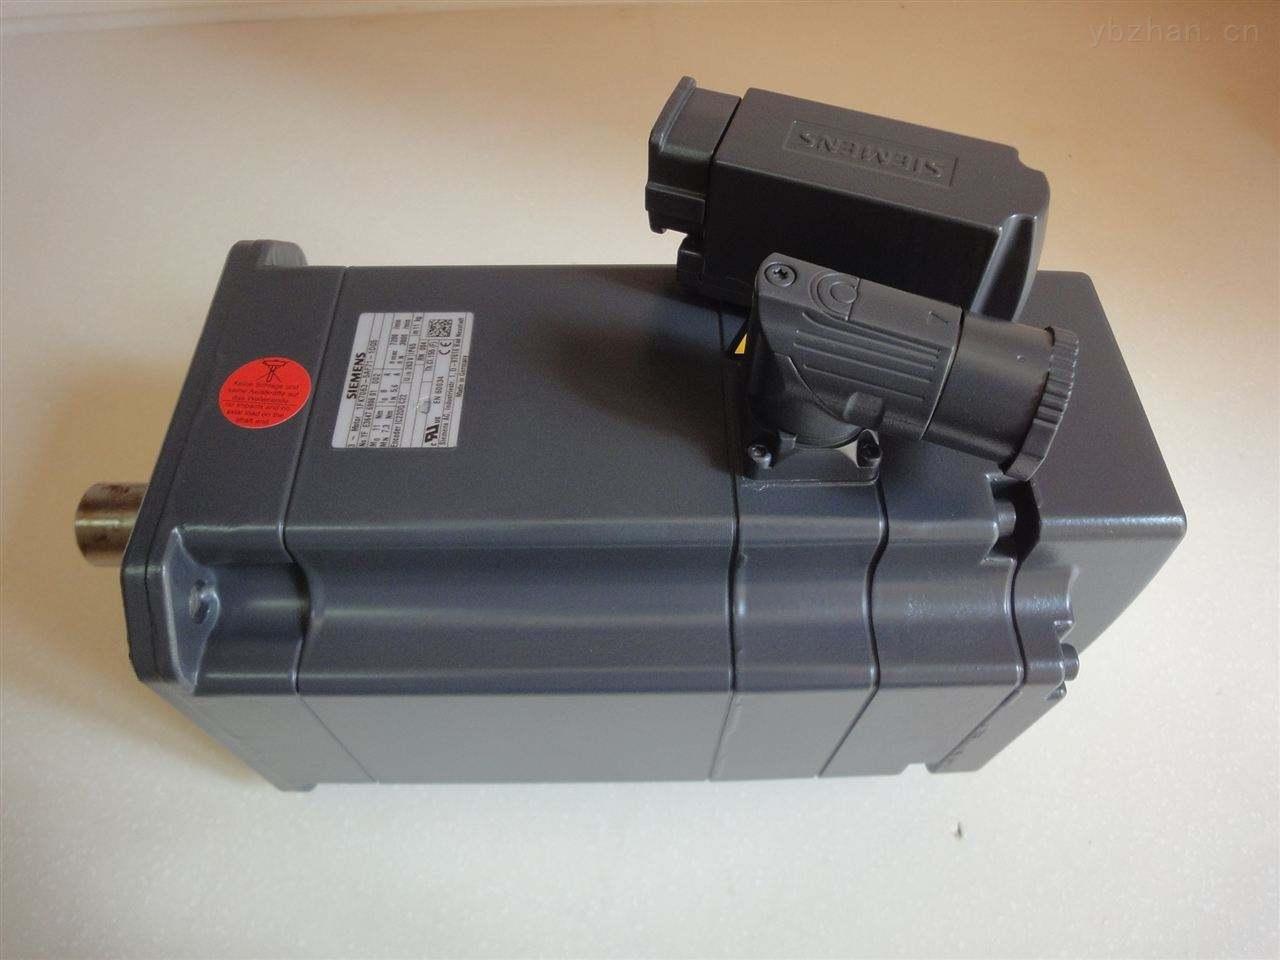 盐城西门子828D系统伺服电机维修公司-当天检测提供维修